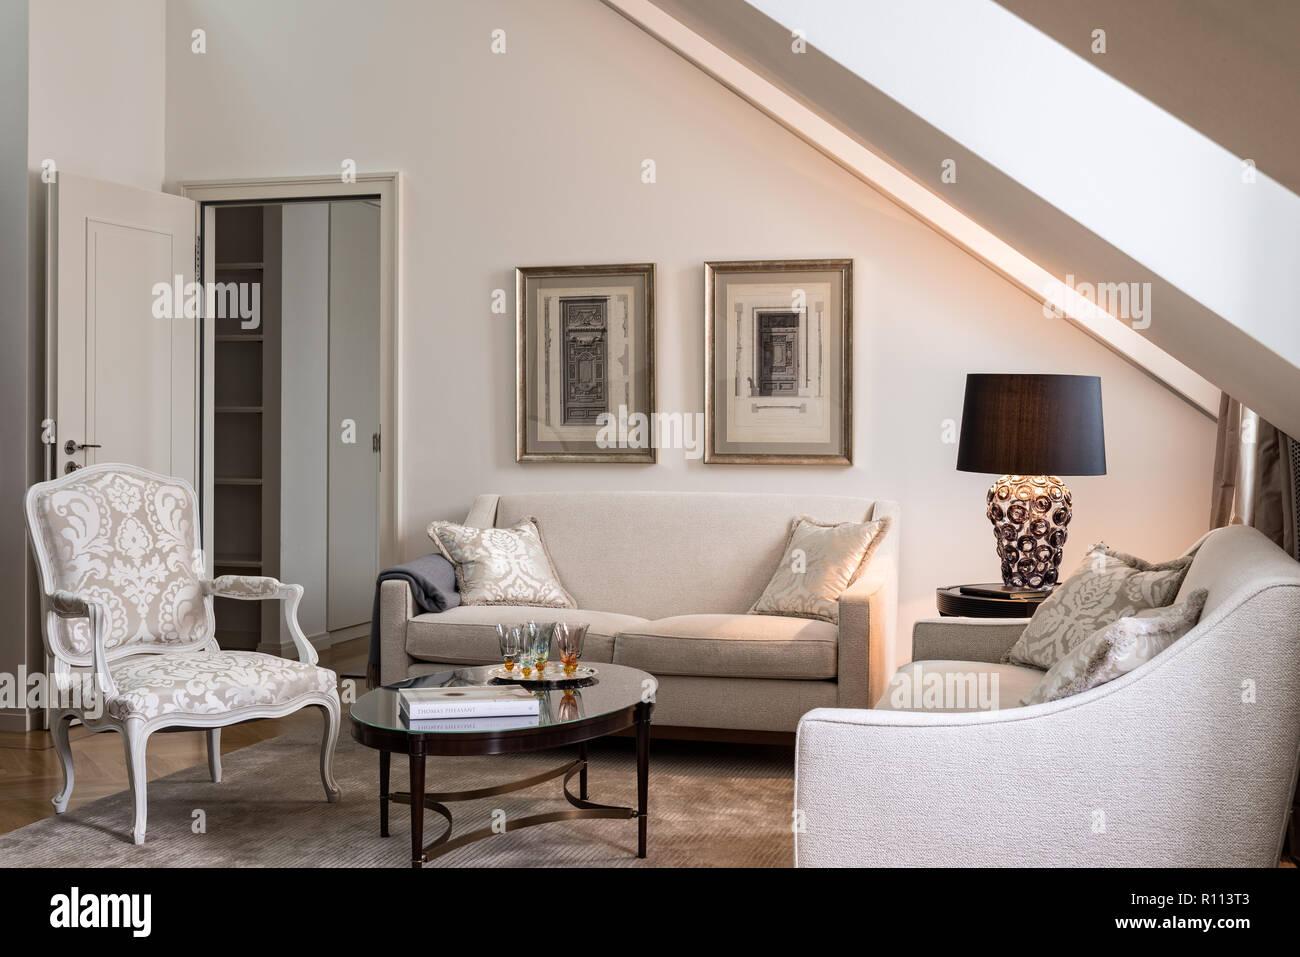 Wohnzimmer Mit Satteldach Decke Stockfoto Bild 224374419